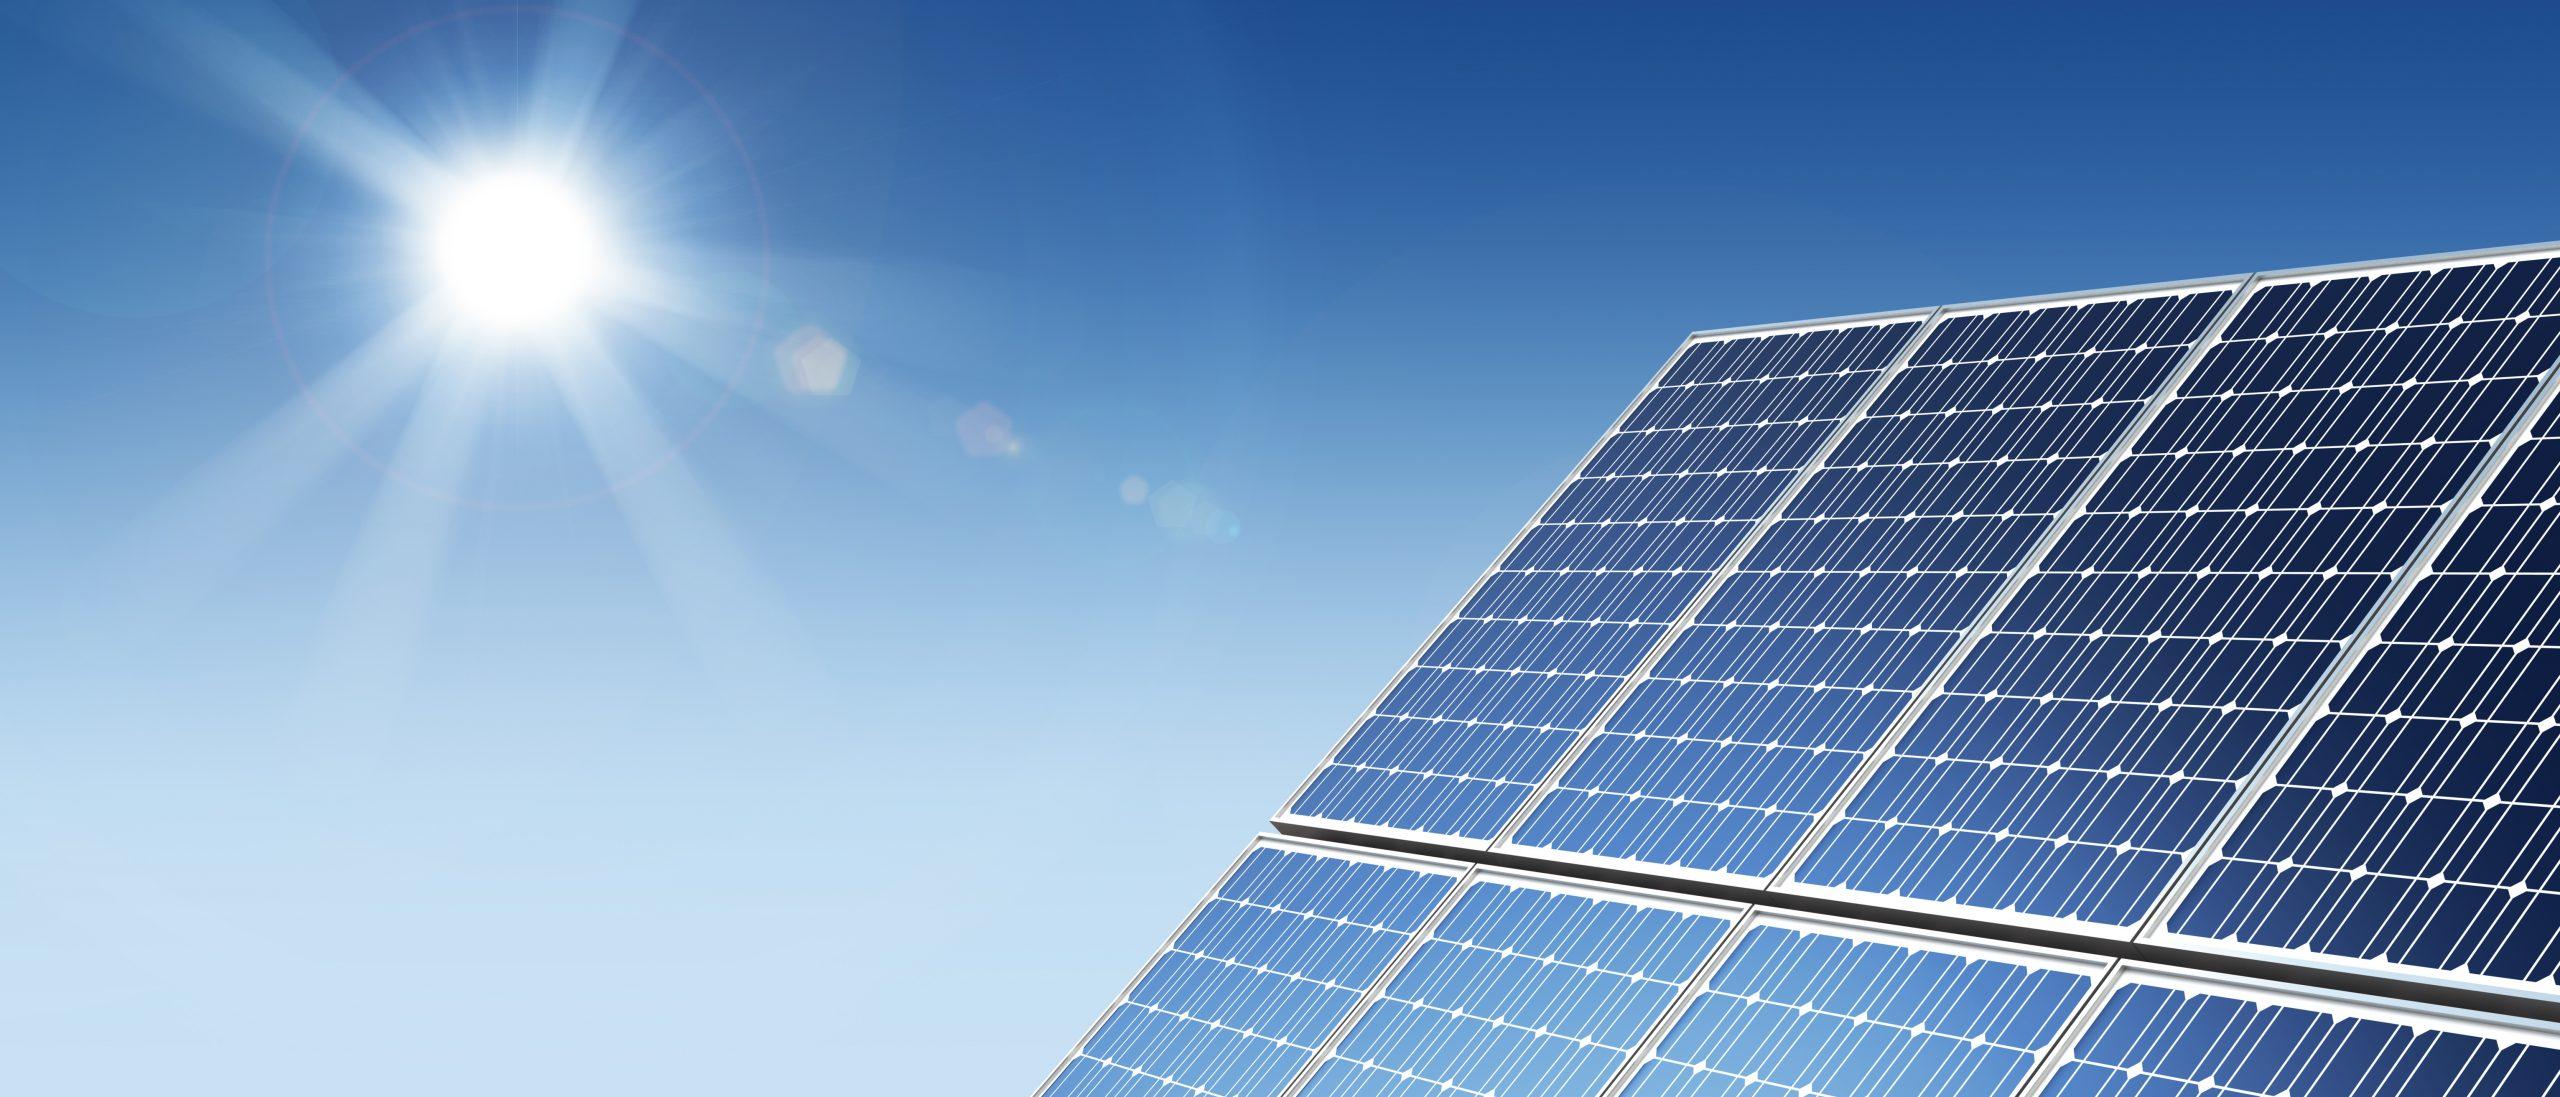 2b) Stecker-PV Solar: Eigene Solarstromerzeugung und -nutzung vom Balkon – ab 11:00 Uhr